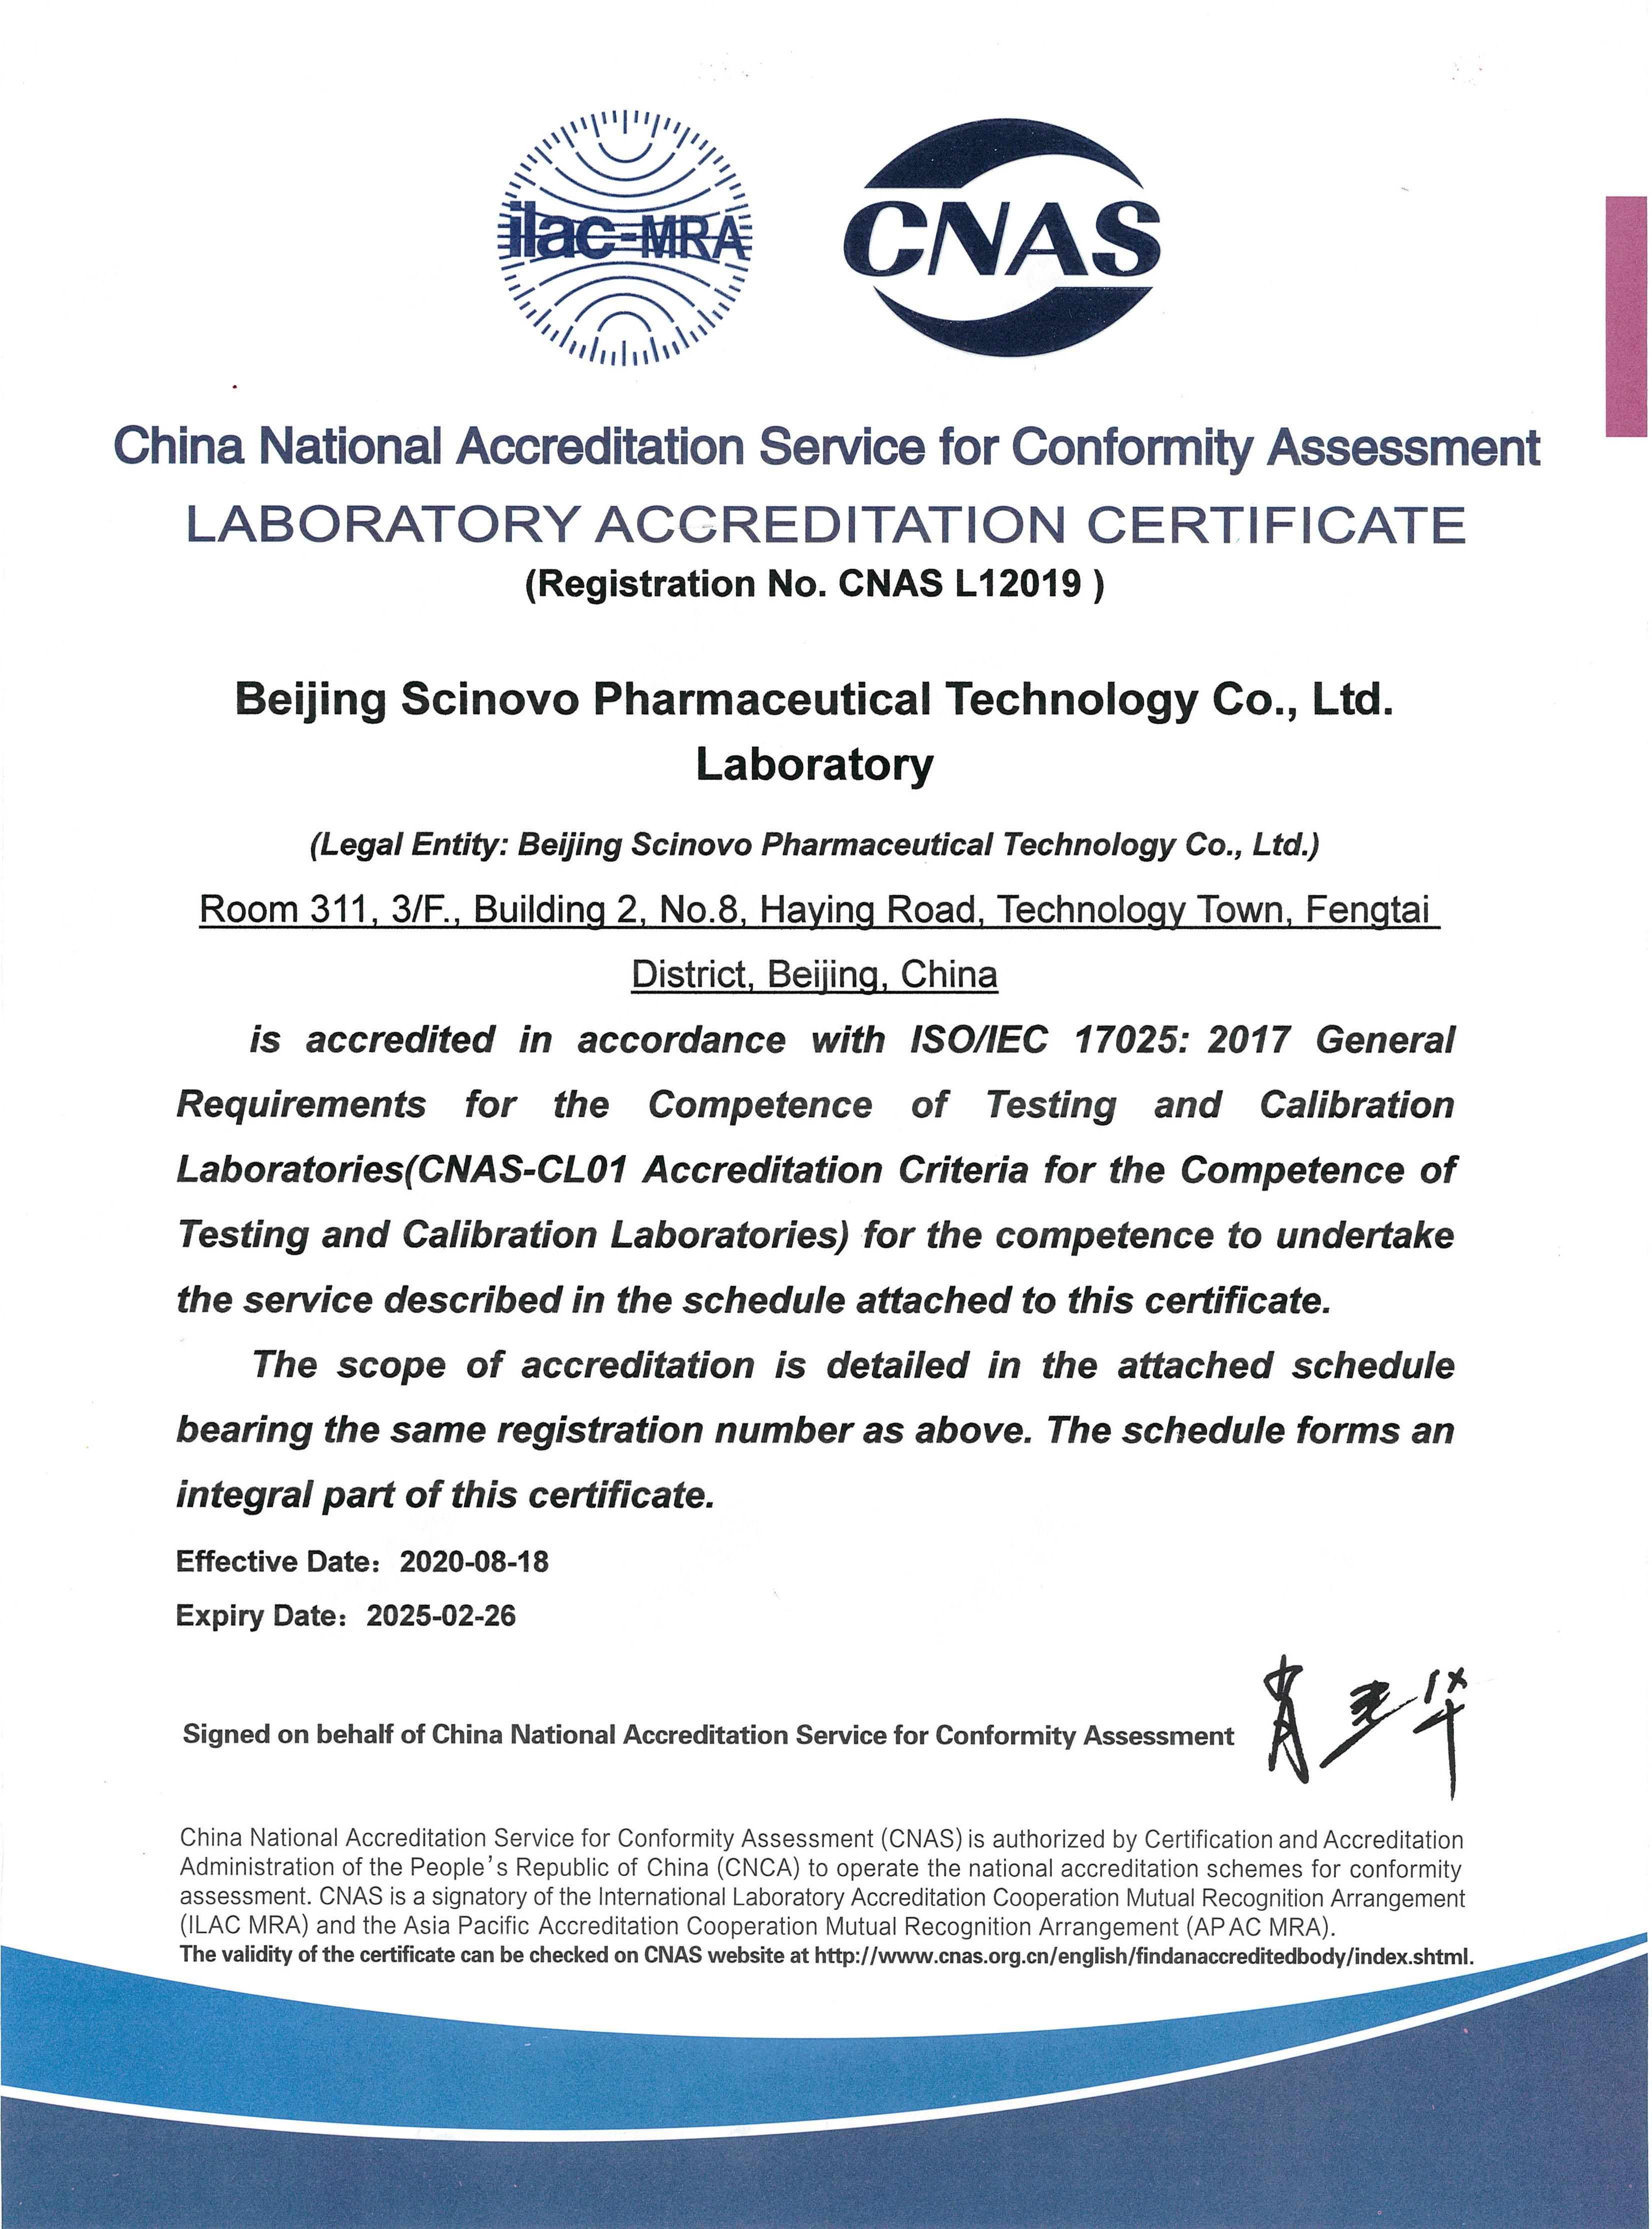 陽光德美-CNAS認可證書2019